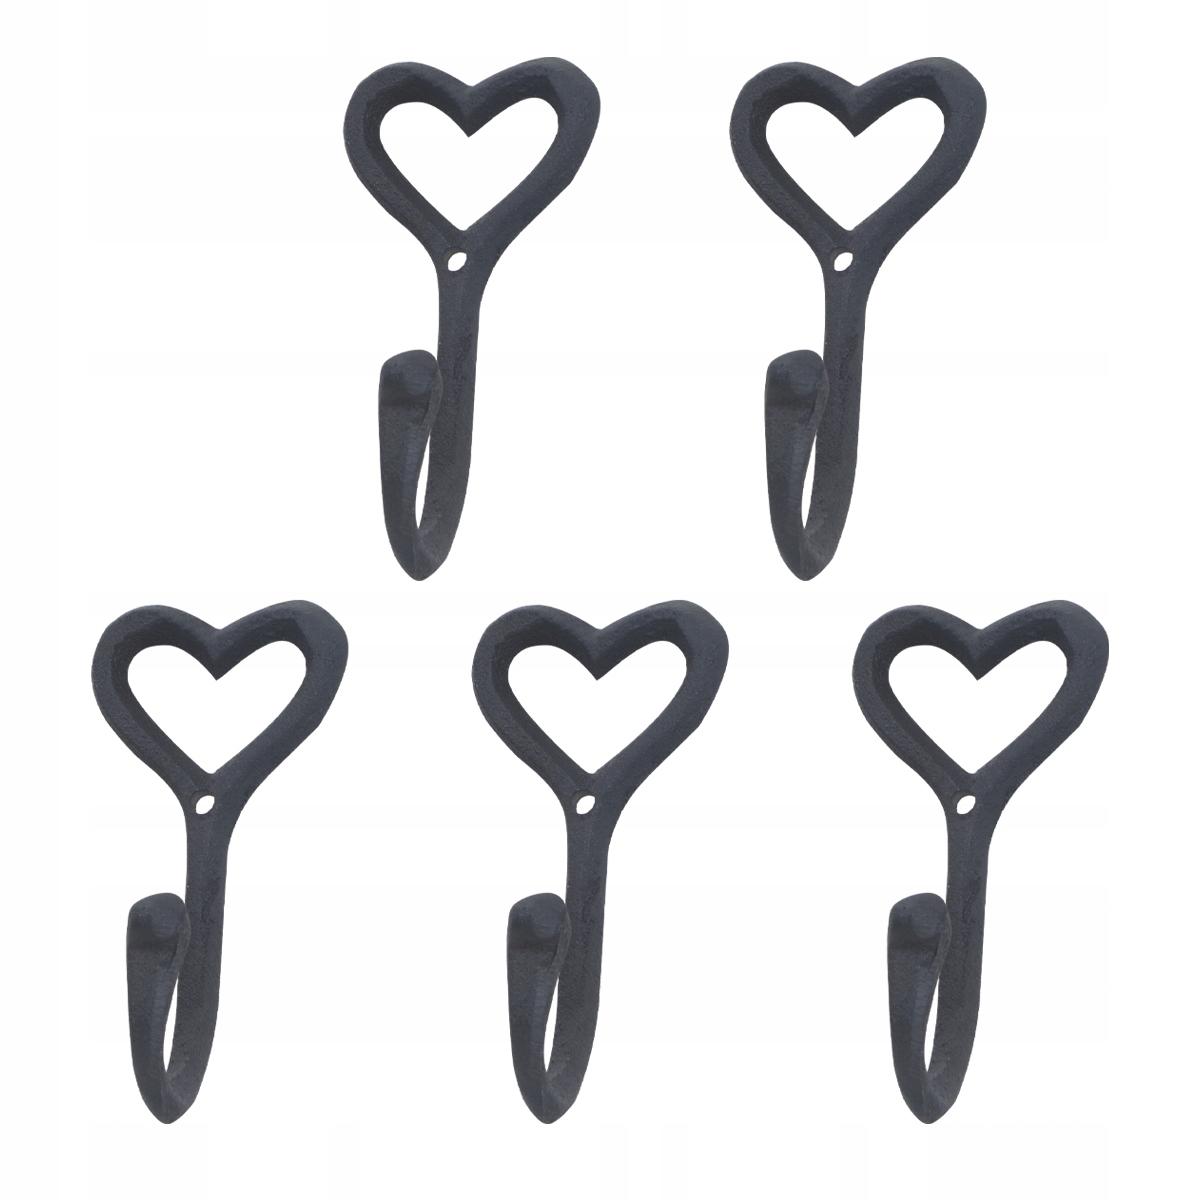 5ks Retro železné umelecké háčiky nástenný vešiak Kpcs